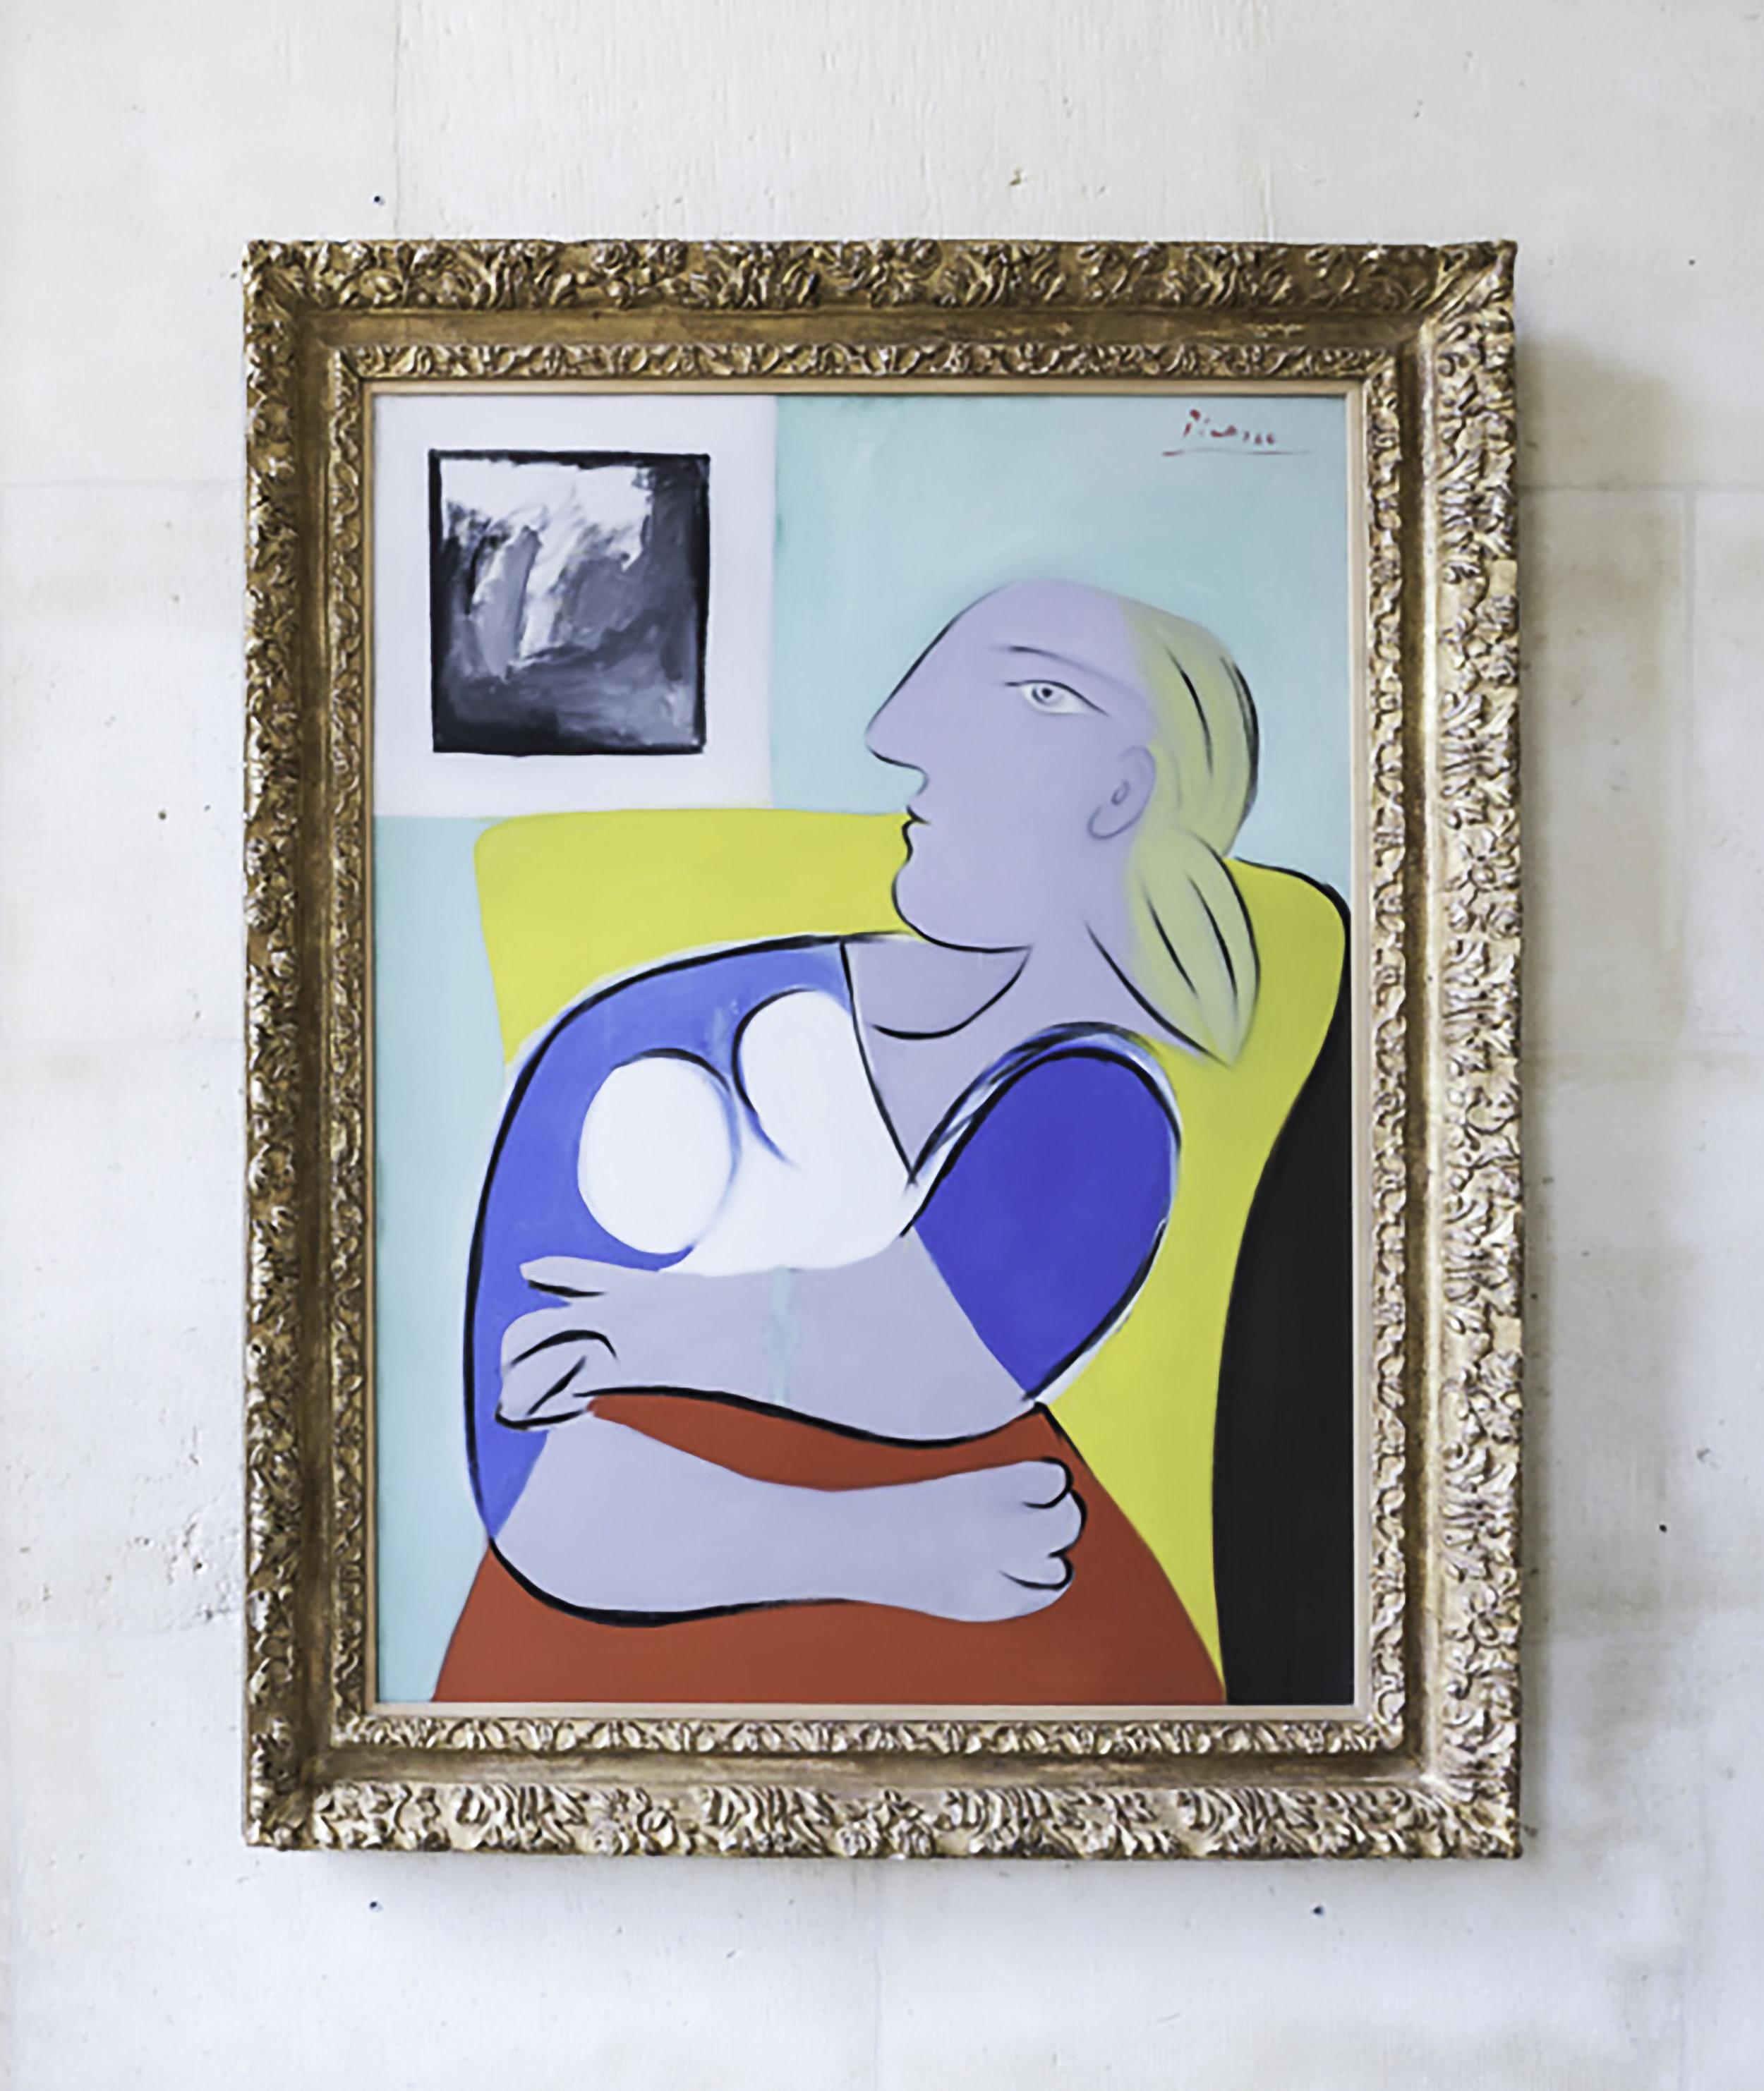 Pablo Picasso - 'Femme dans un fauteuil jaune' 1932, oil on canvas